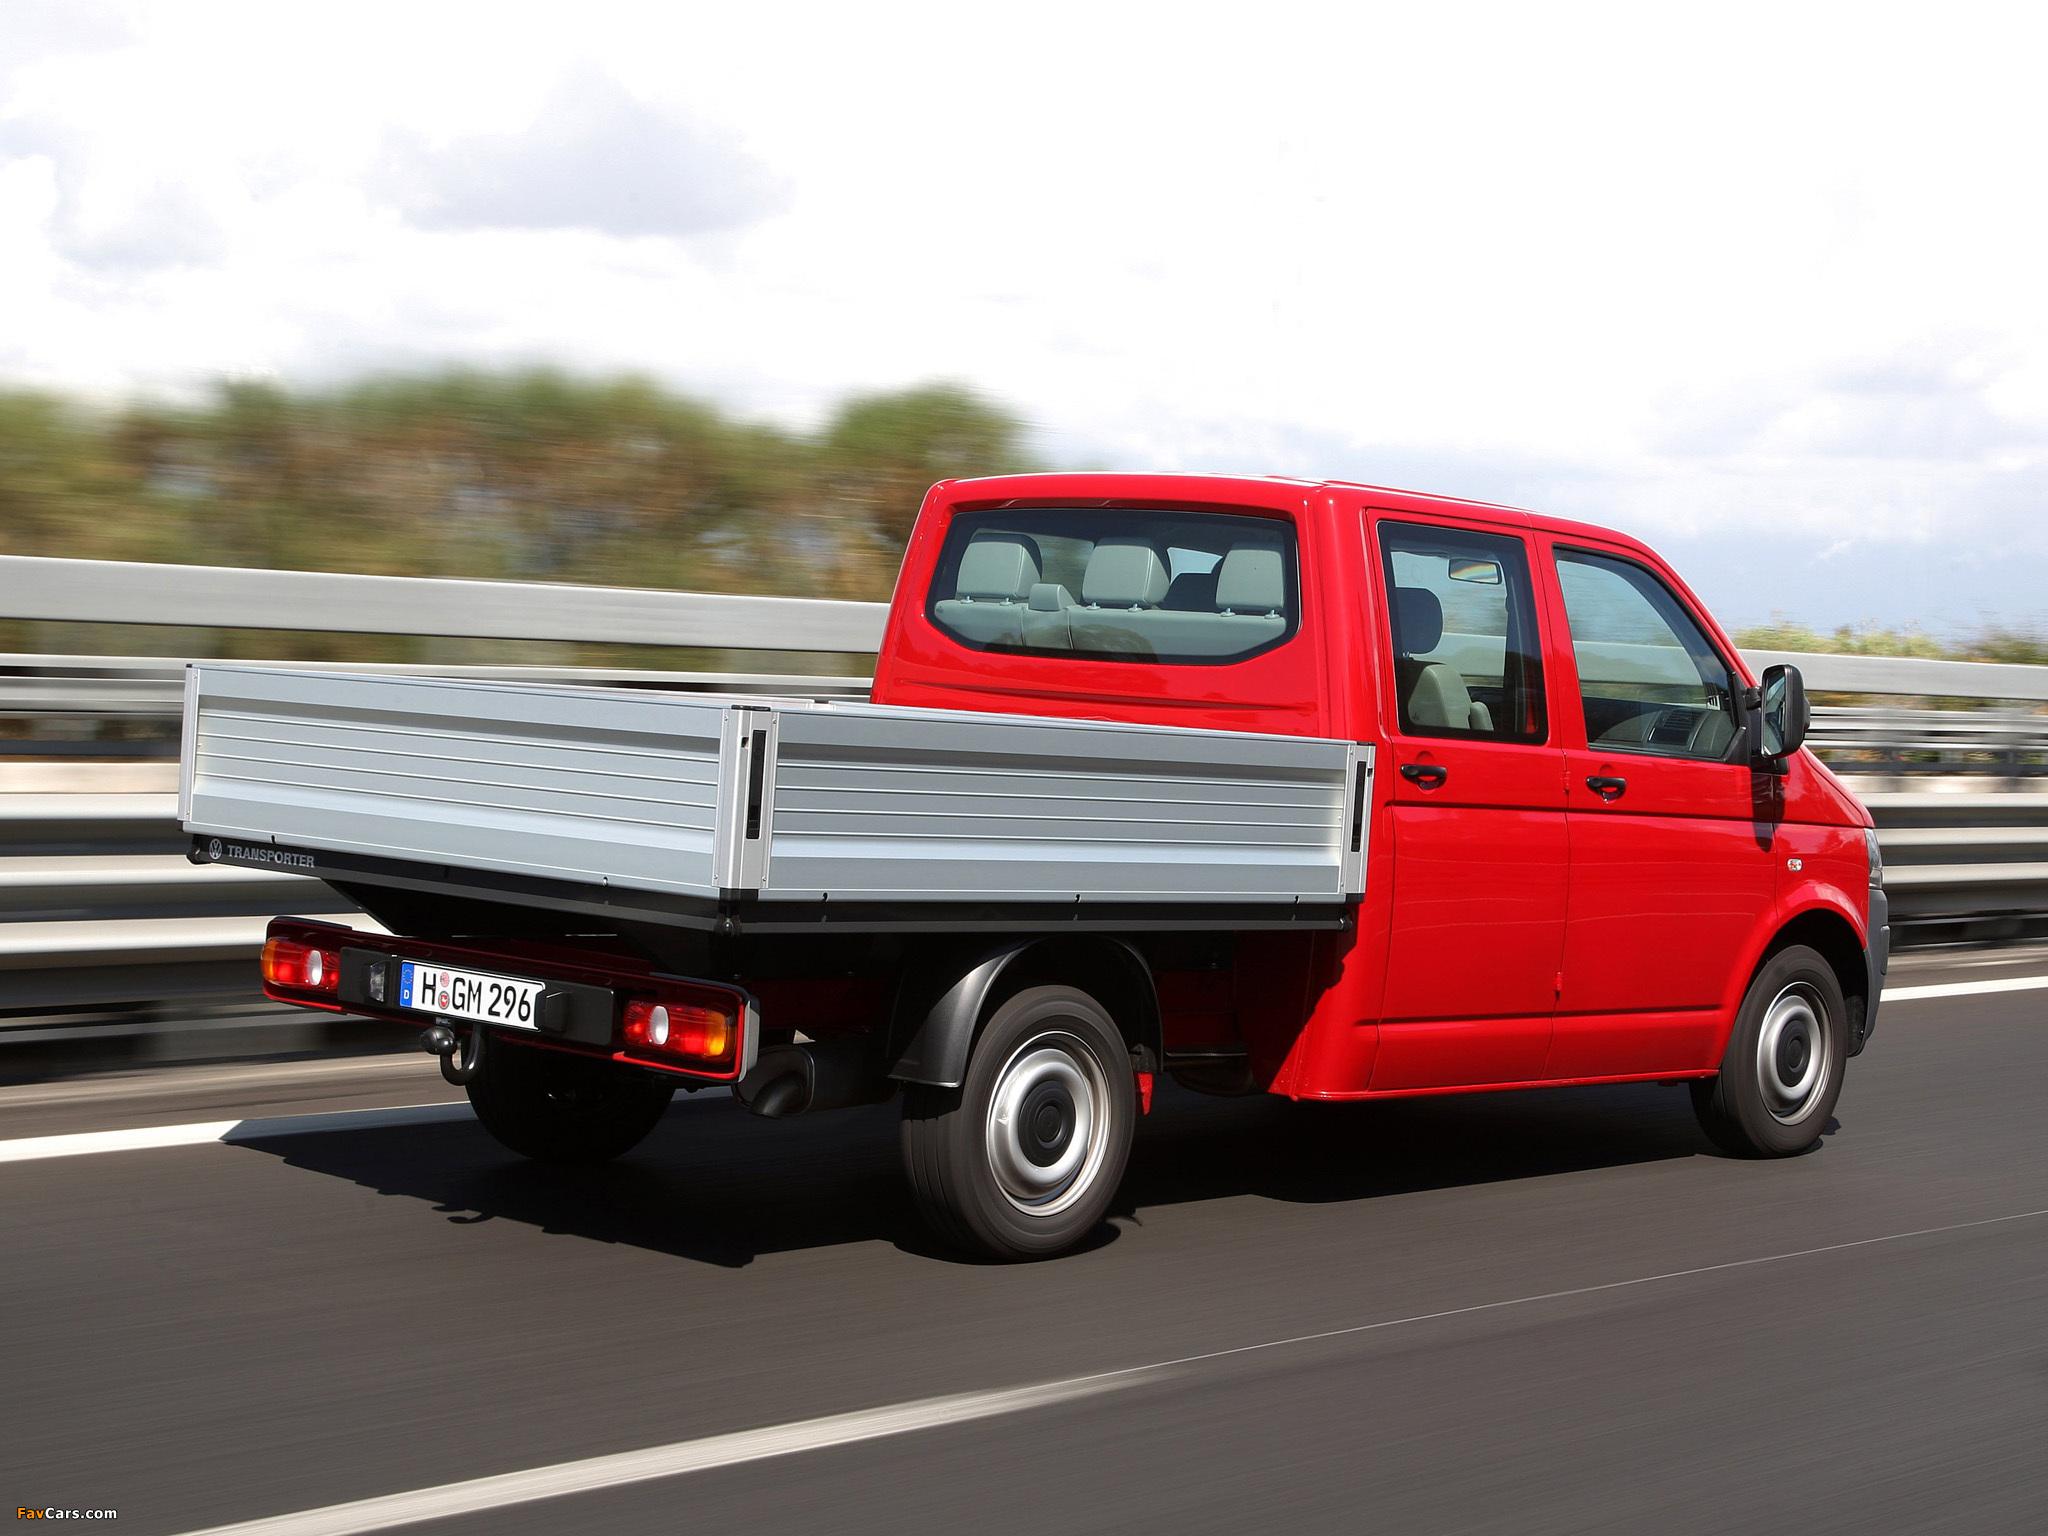 volkswagen t5 transporter double cab pickup 2009. Black Bedroom Furniture Sets. Home Design Ideas